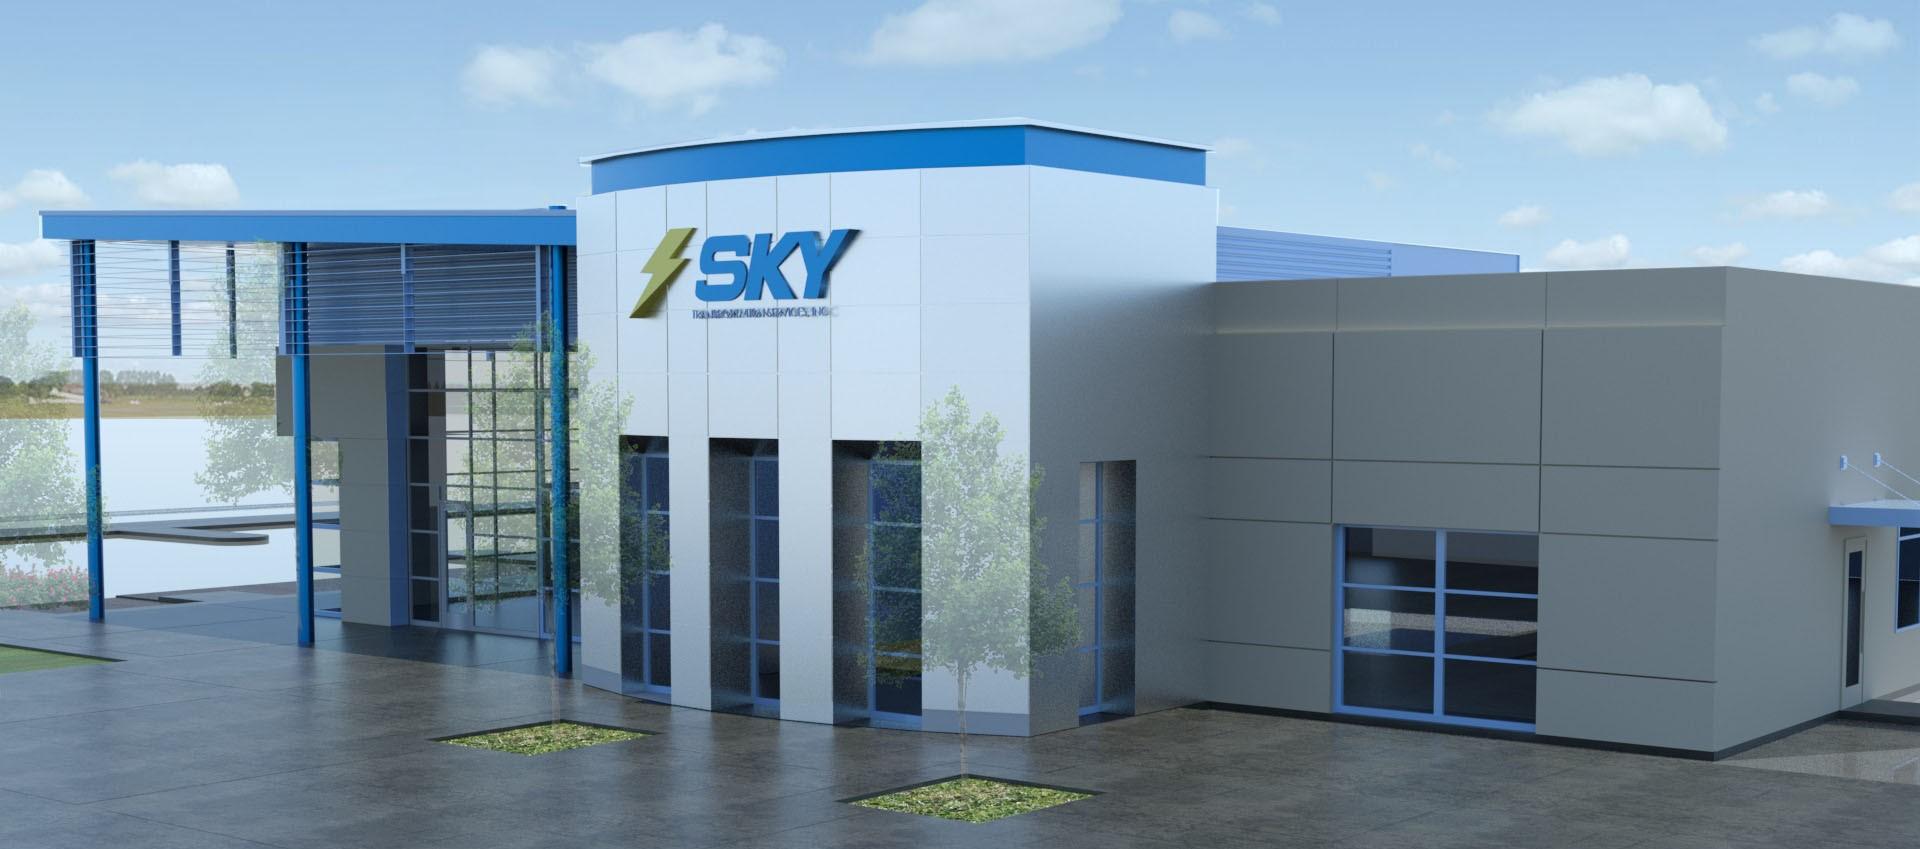 Sky Transportation .jpg